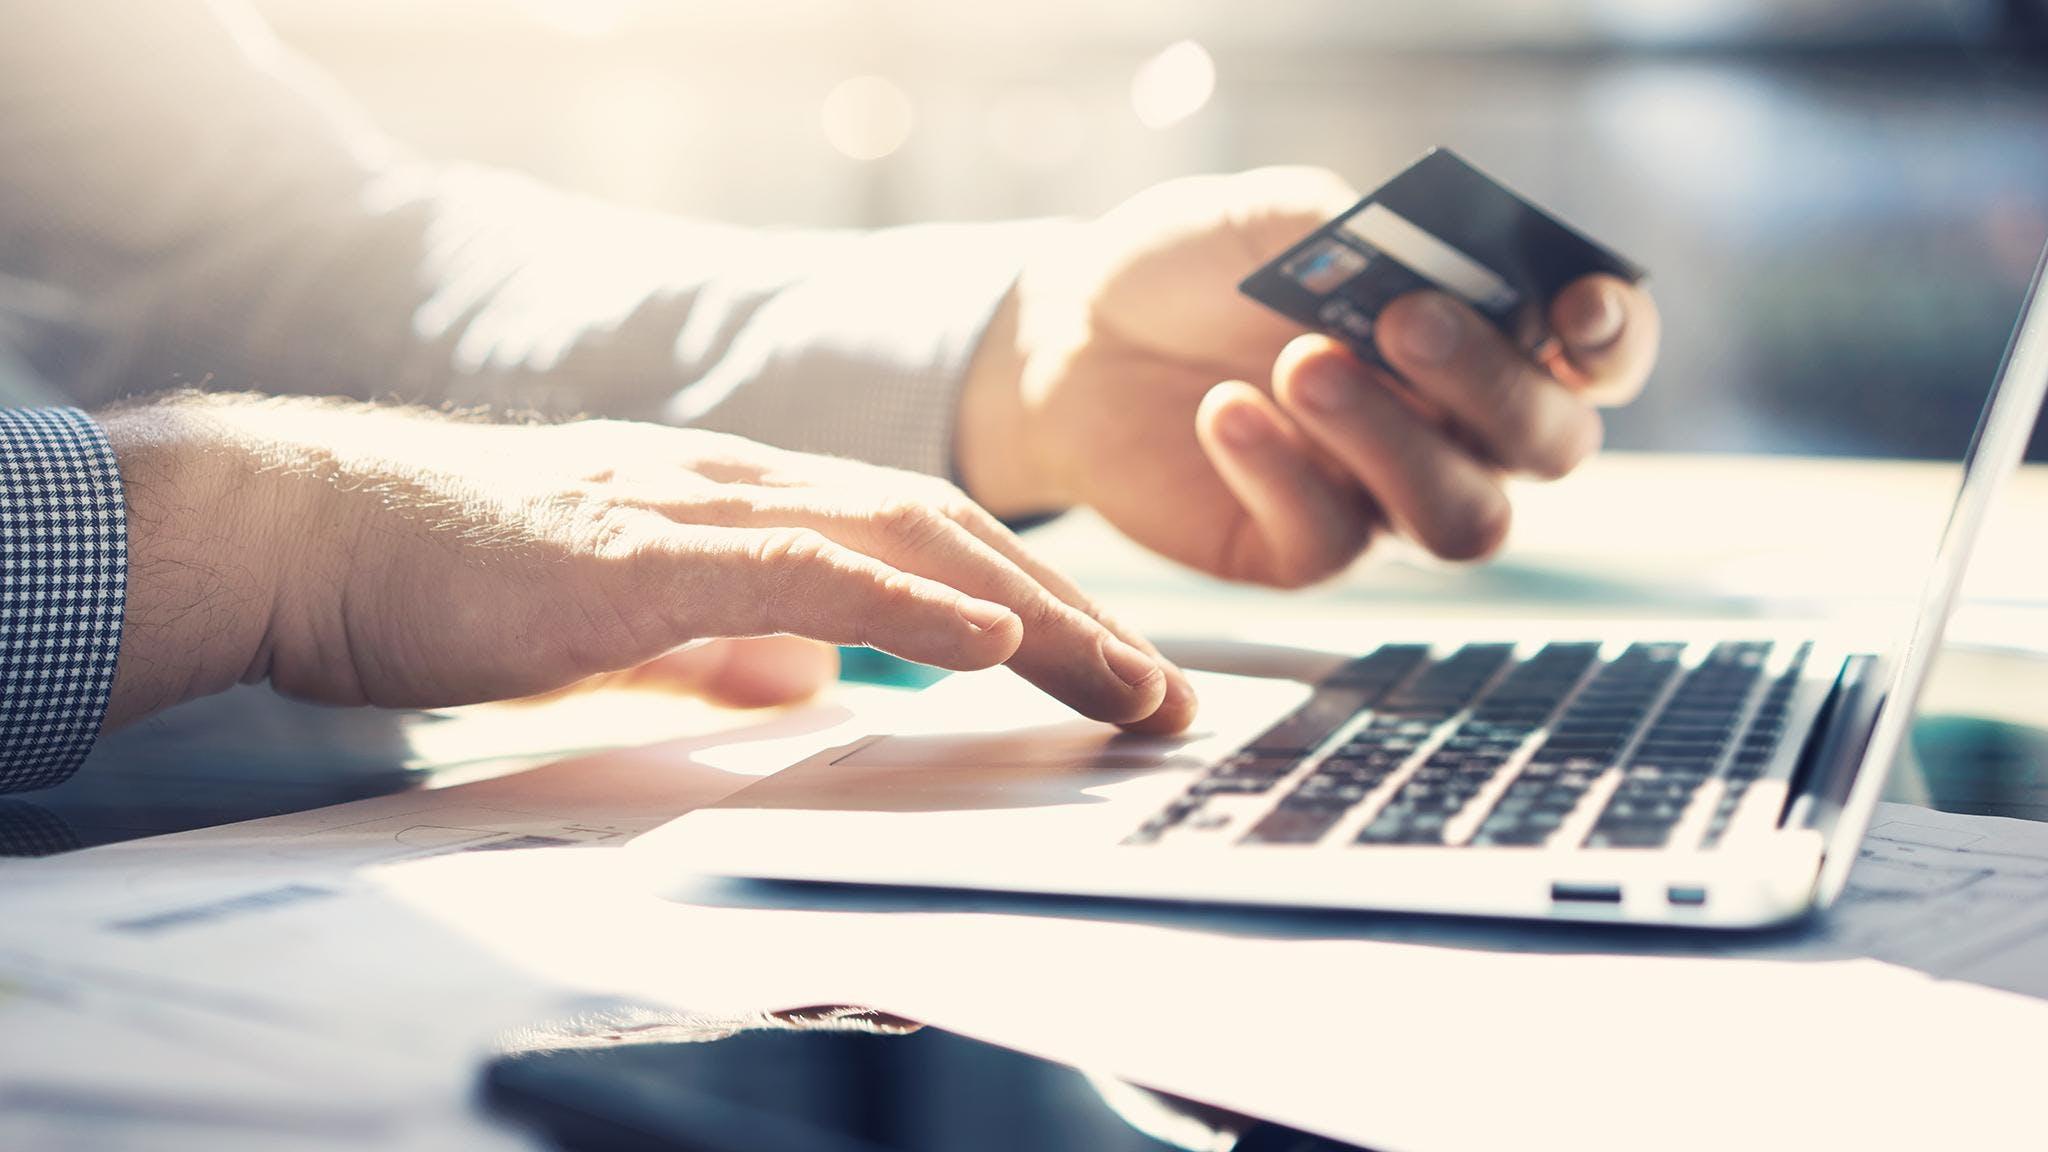 Seminario Gratuito - Come migliorare il tuo ecommerce per aumentare i contatti e fatturare di più (Brescia)